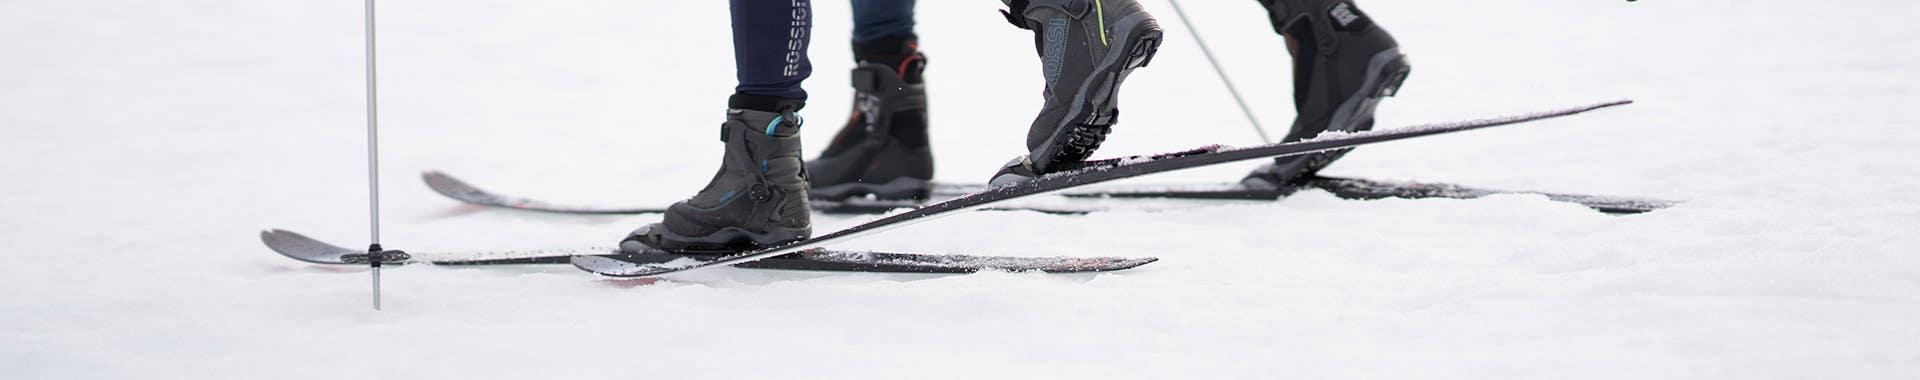 Botas esqui touring